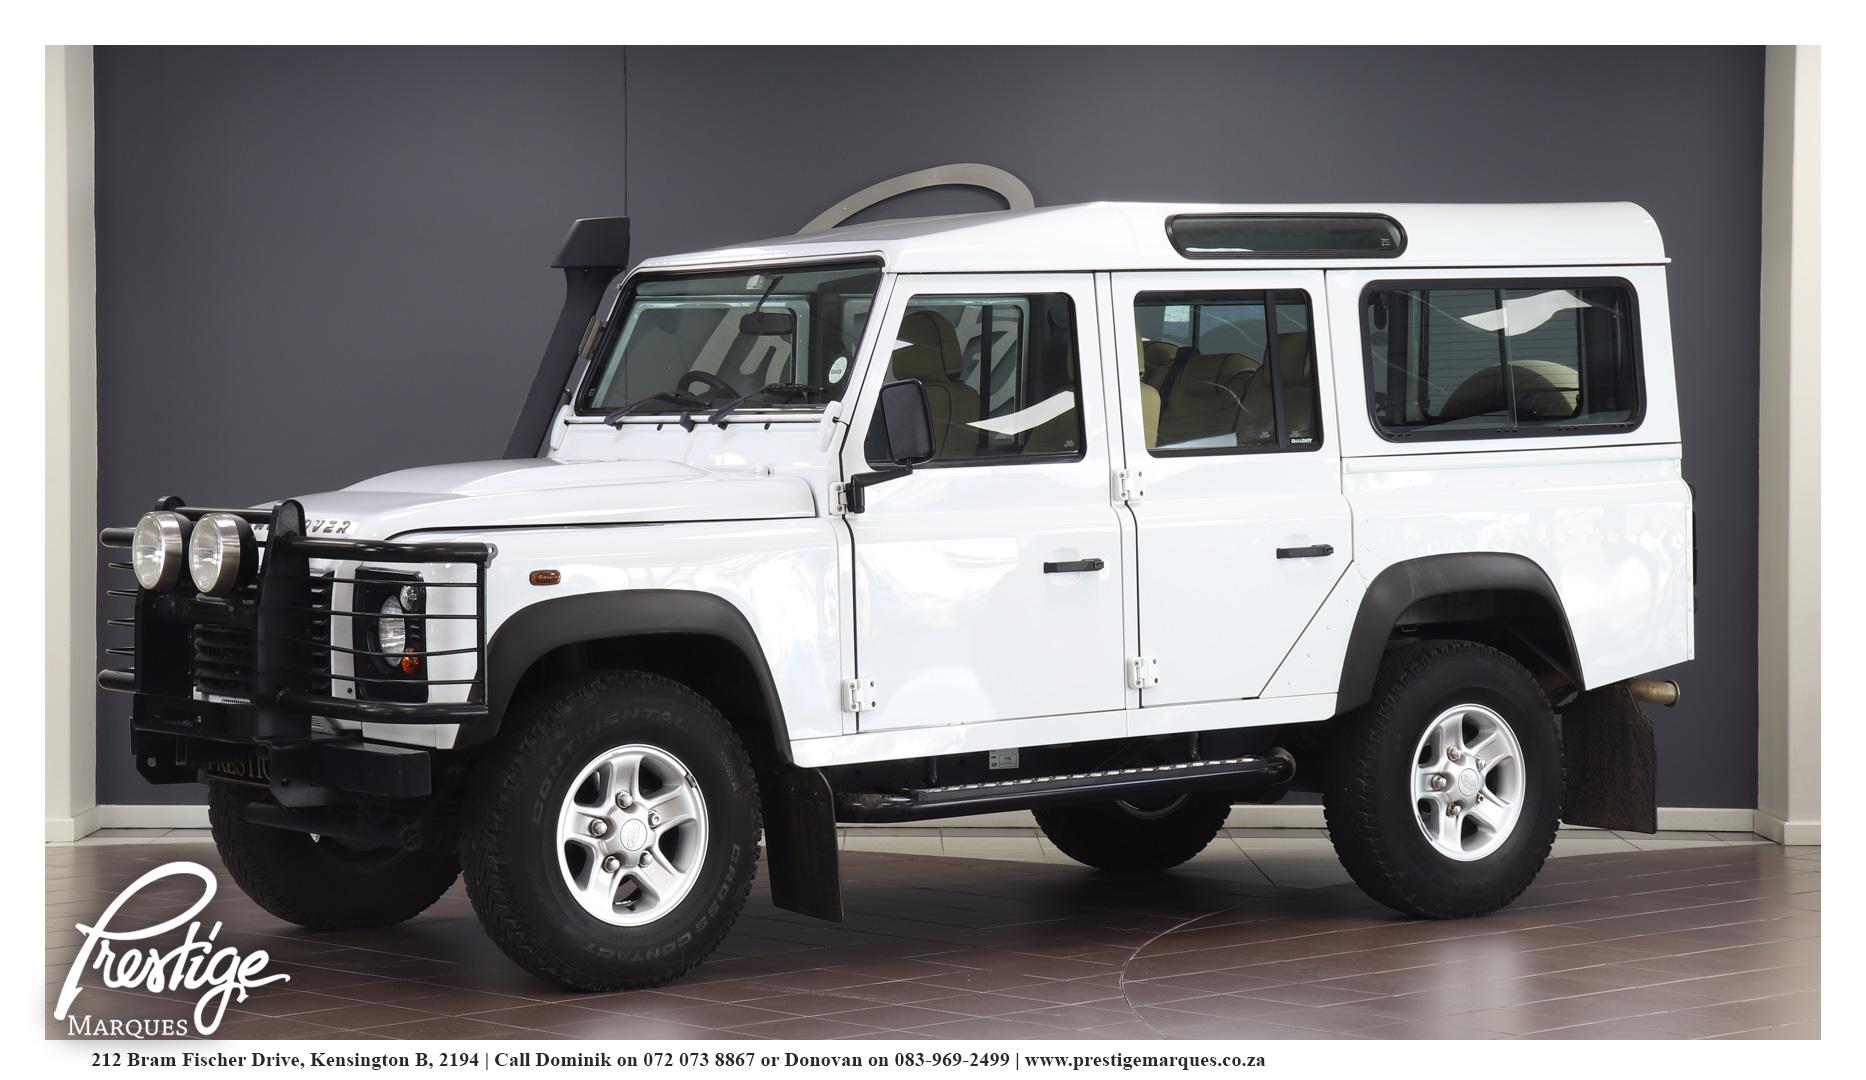 Land-Rover-Defender-110-2.5D-Prestige-Marques-7